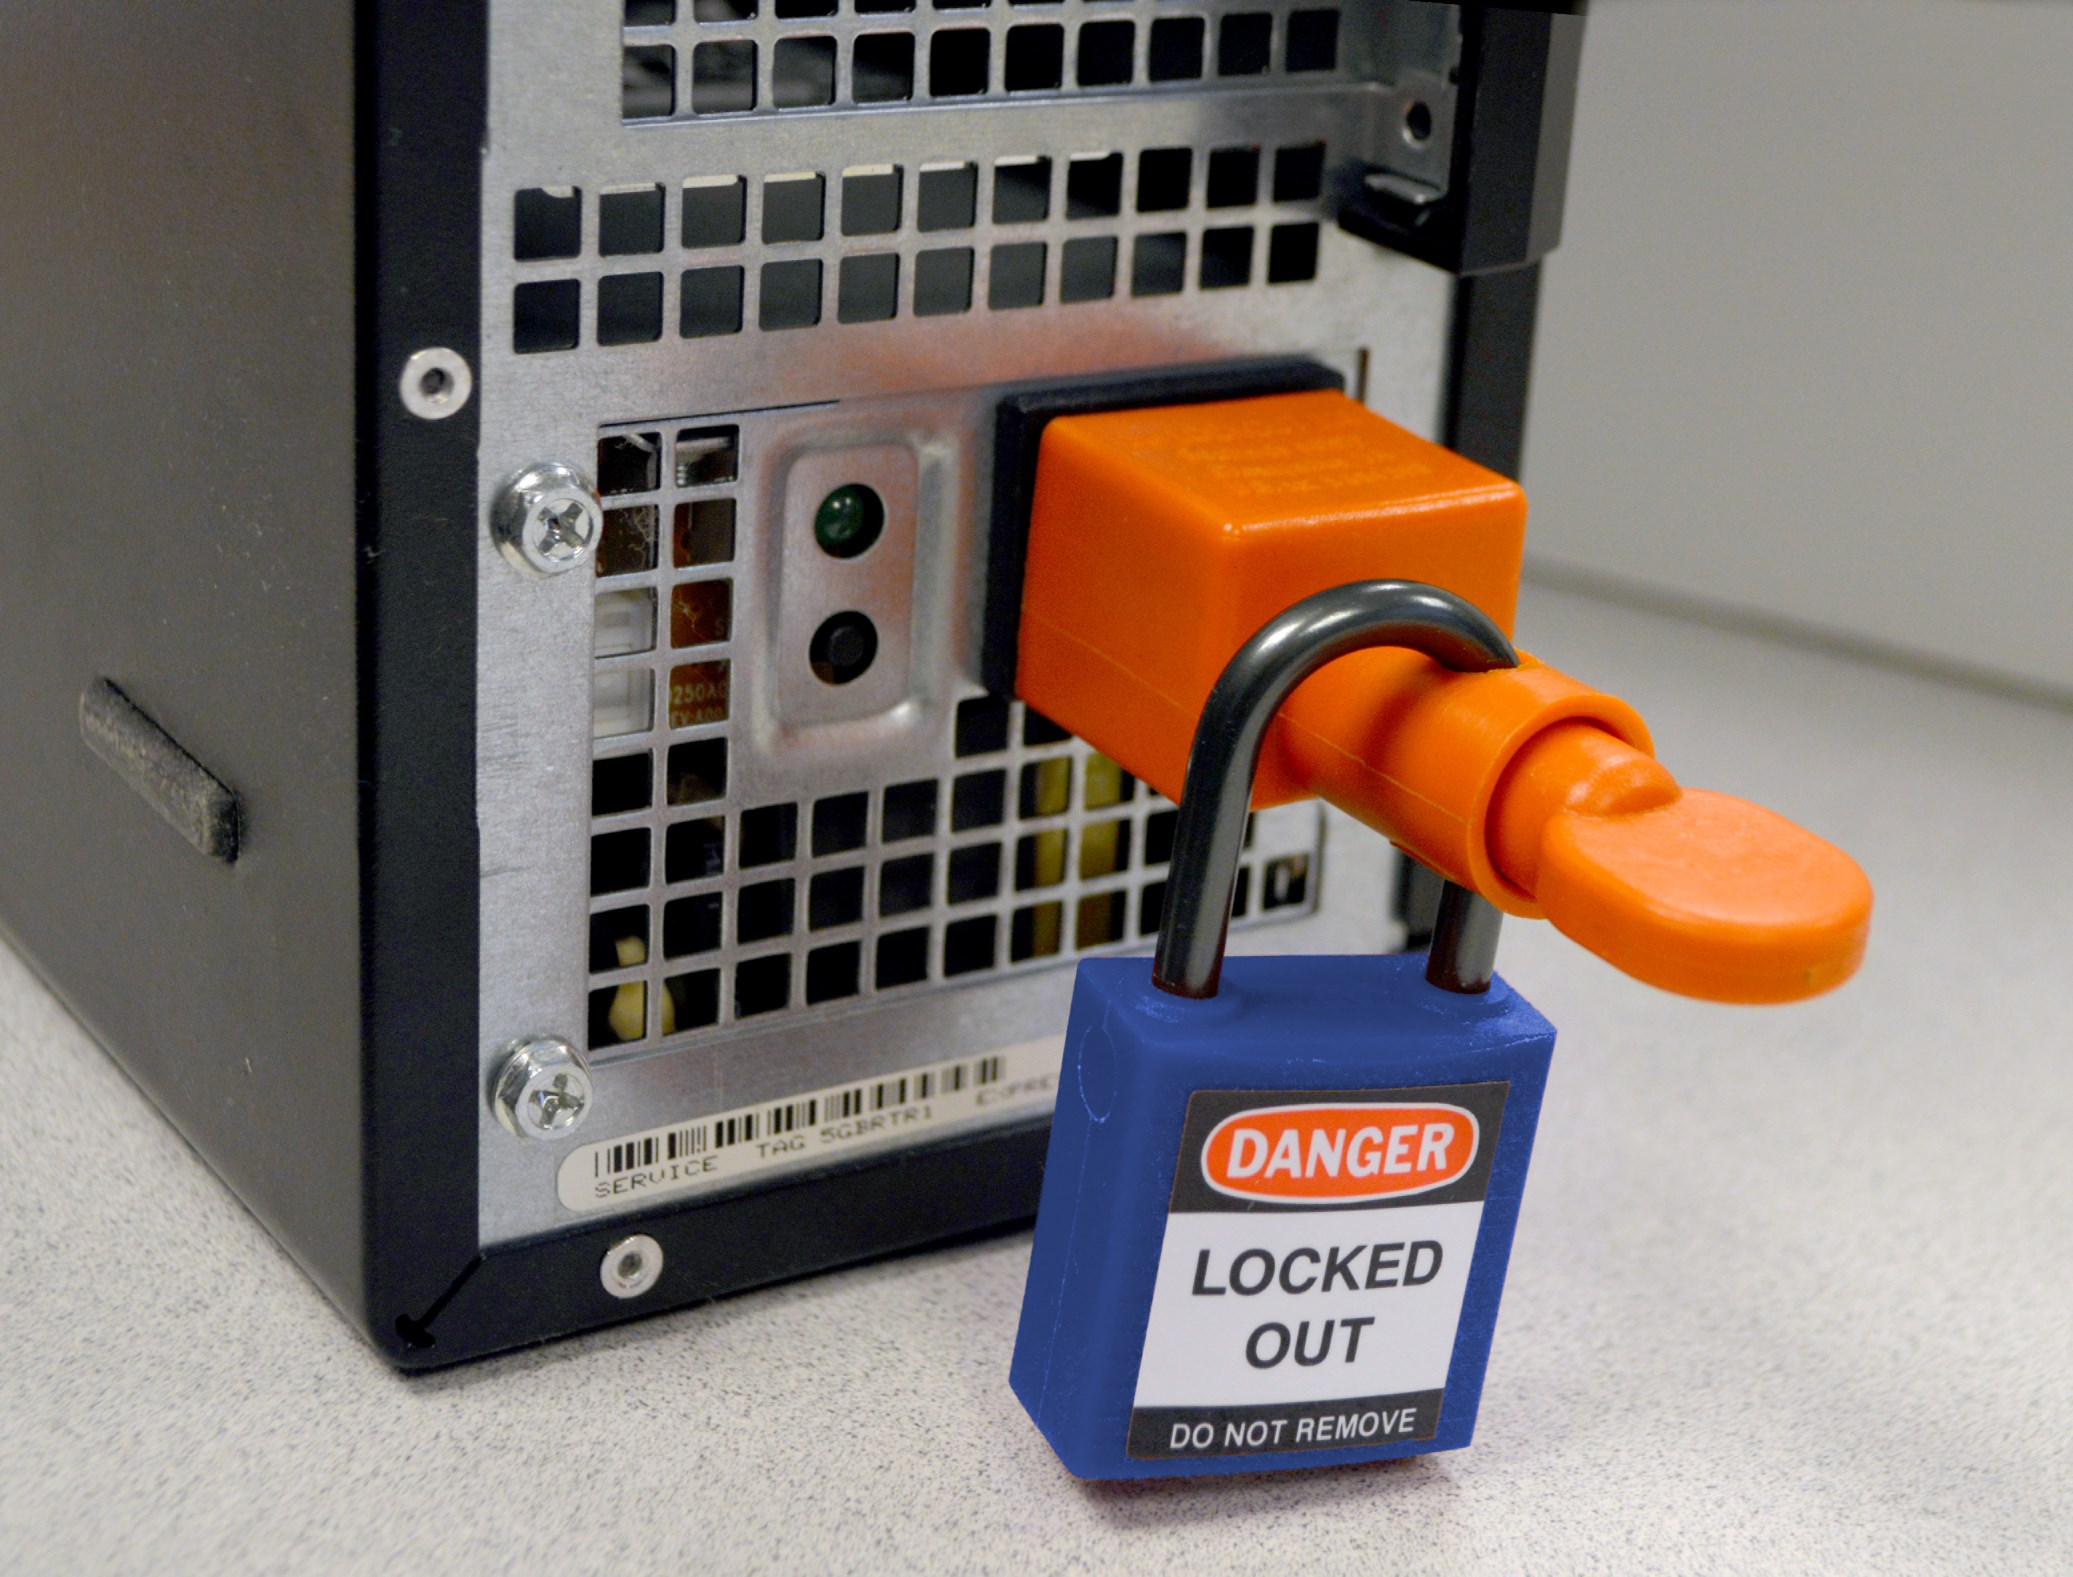 Brady Announces New Iec Electrical Plug Lockout Device